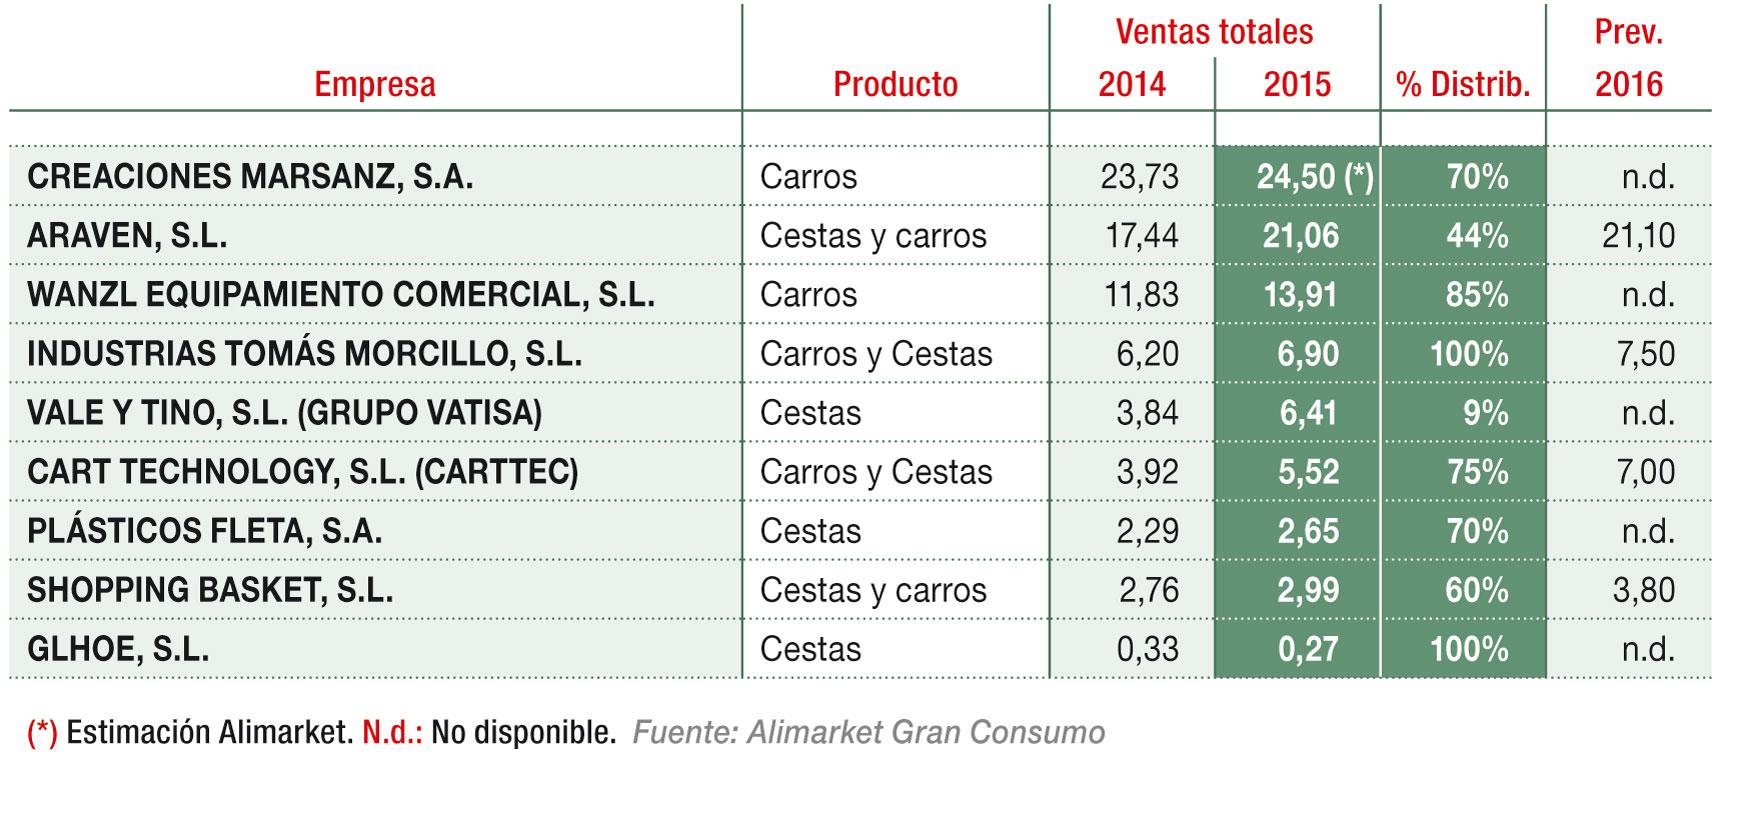 Principales empresas de carros y cestas para supermercados/hipermercados (M€)